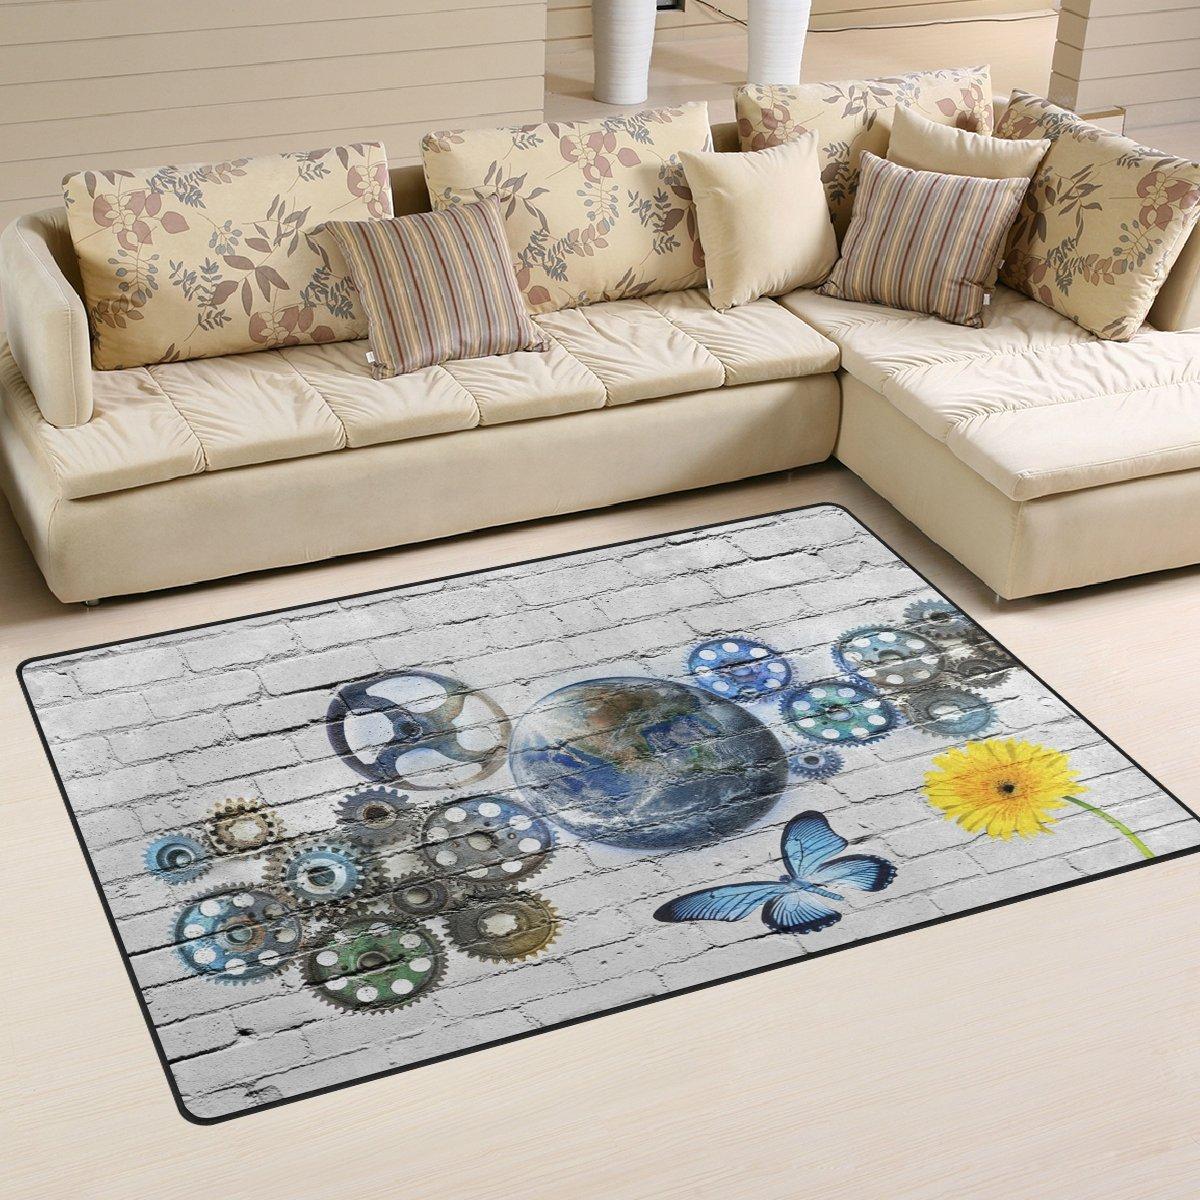 WellLee Area Rug,Gear Wall Floor Rug Non-Slip Doormat for Living Dining Dorm Room Bedroom Decor 60x39 inch